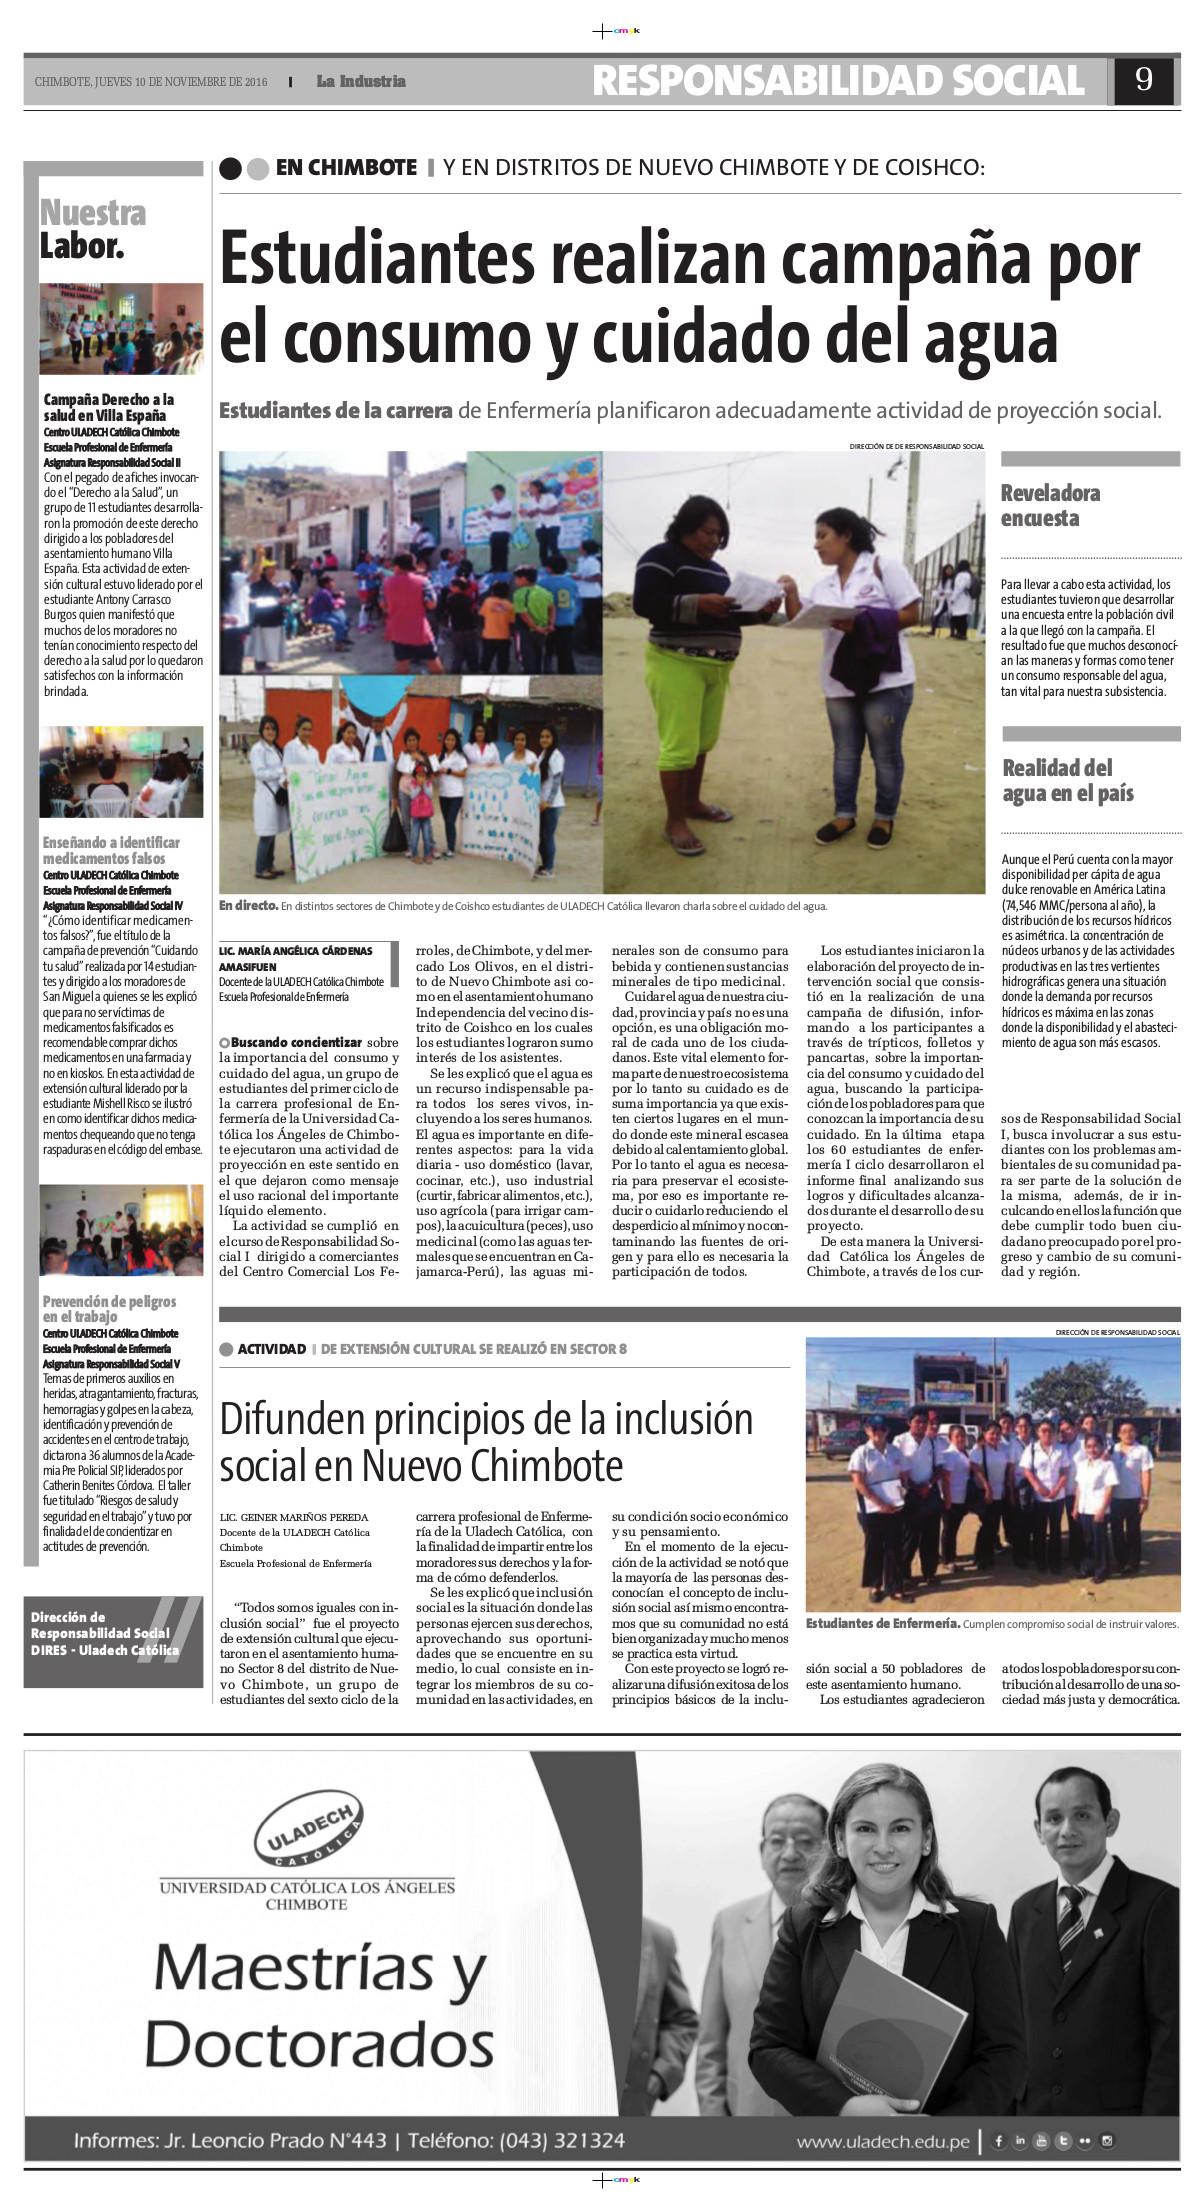 09 ProyeccionSocial 10-11-2016_ENF